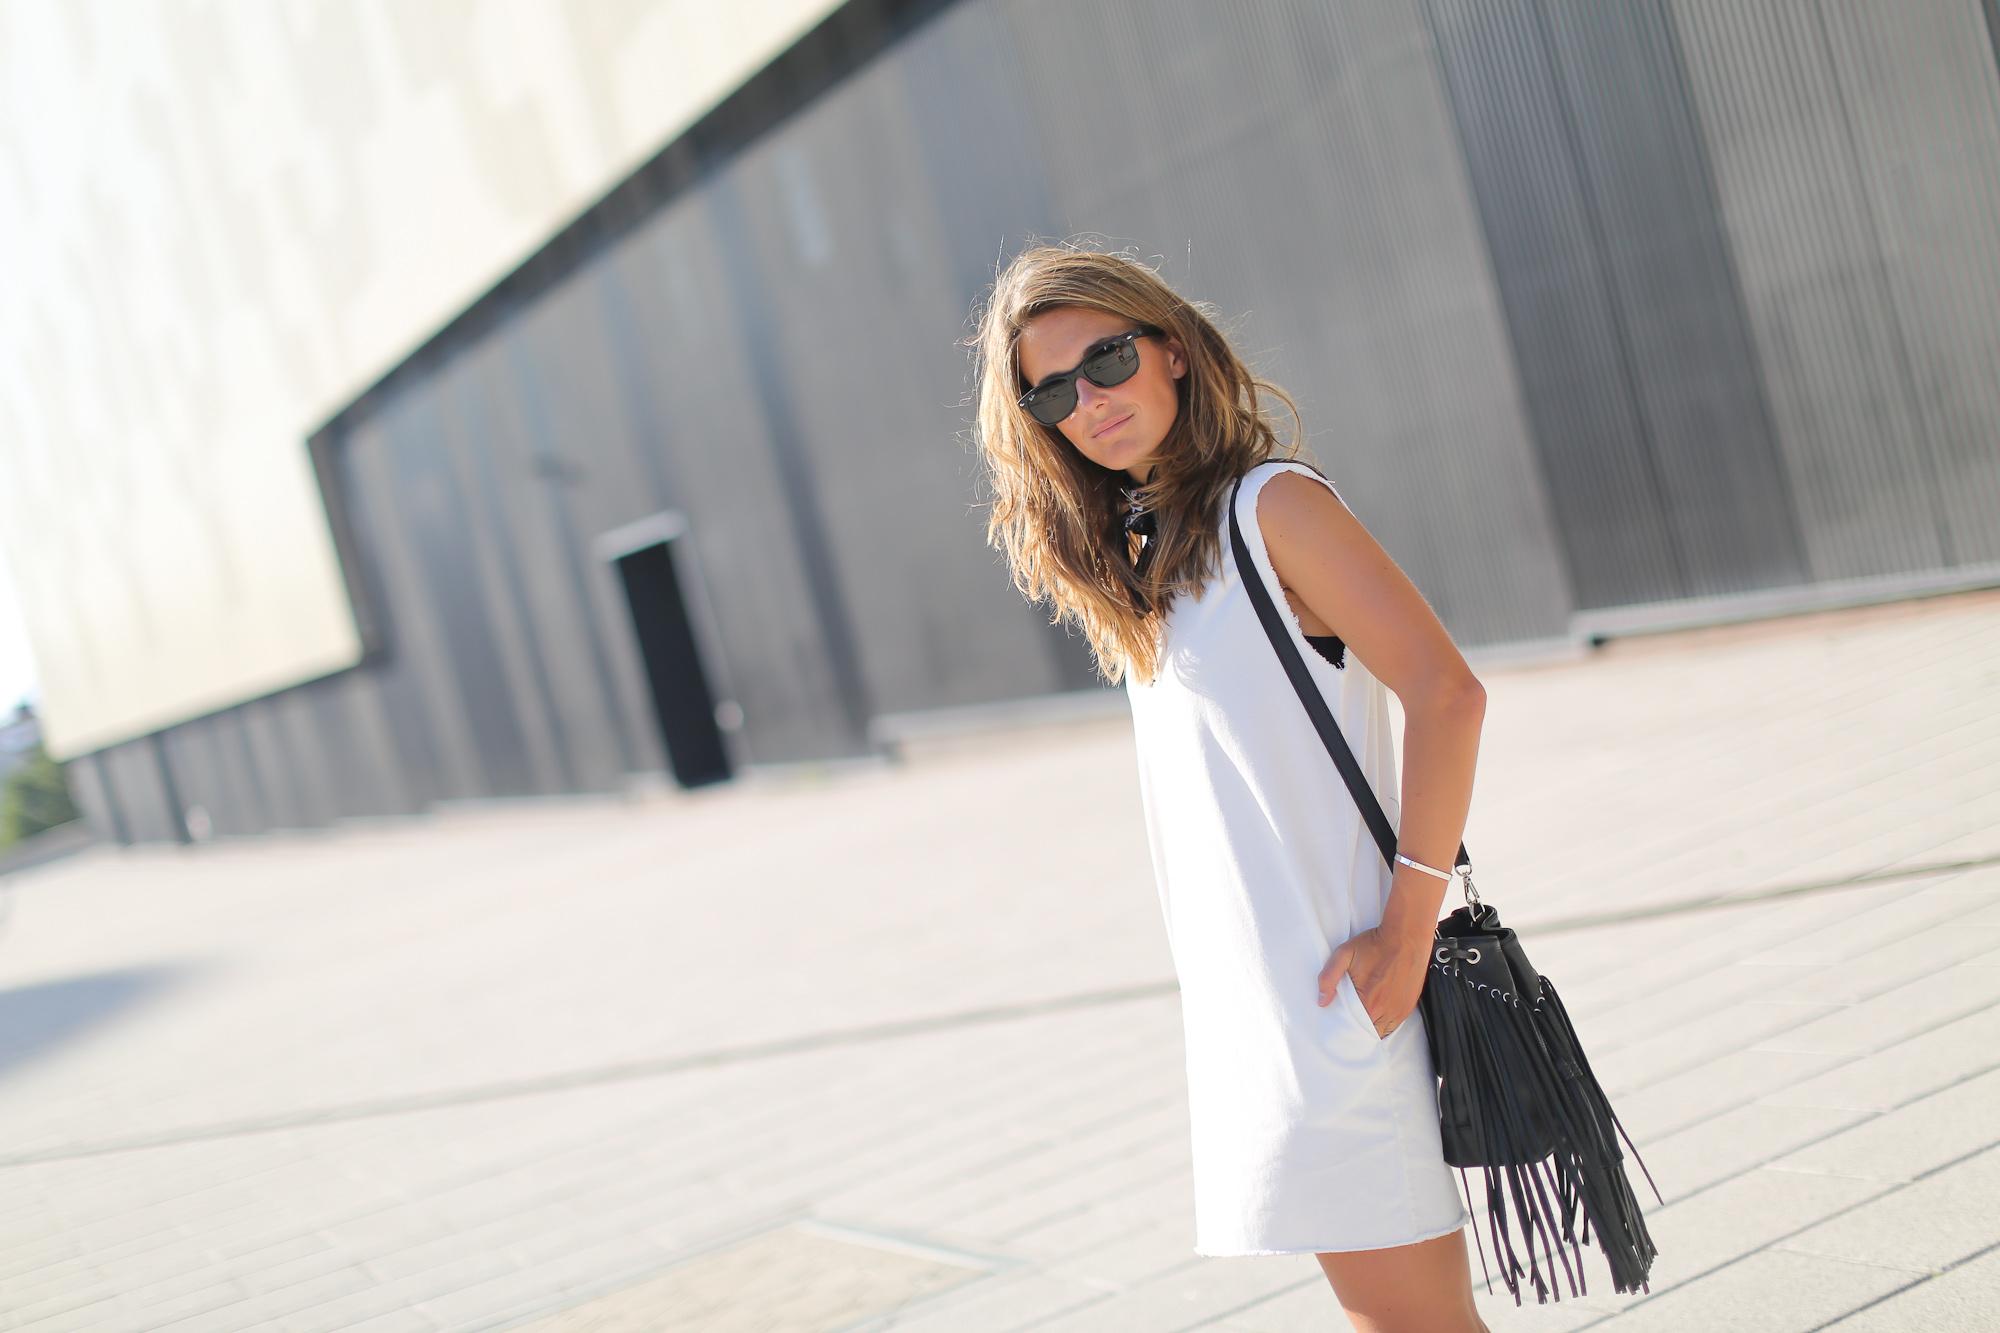 Clochet_streetstyle_maje_suede_fringed_jacket_bimbaylola_denim_white_dress-3